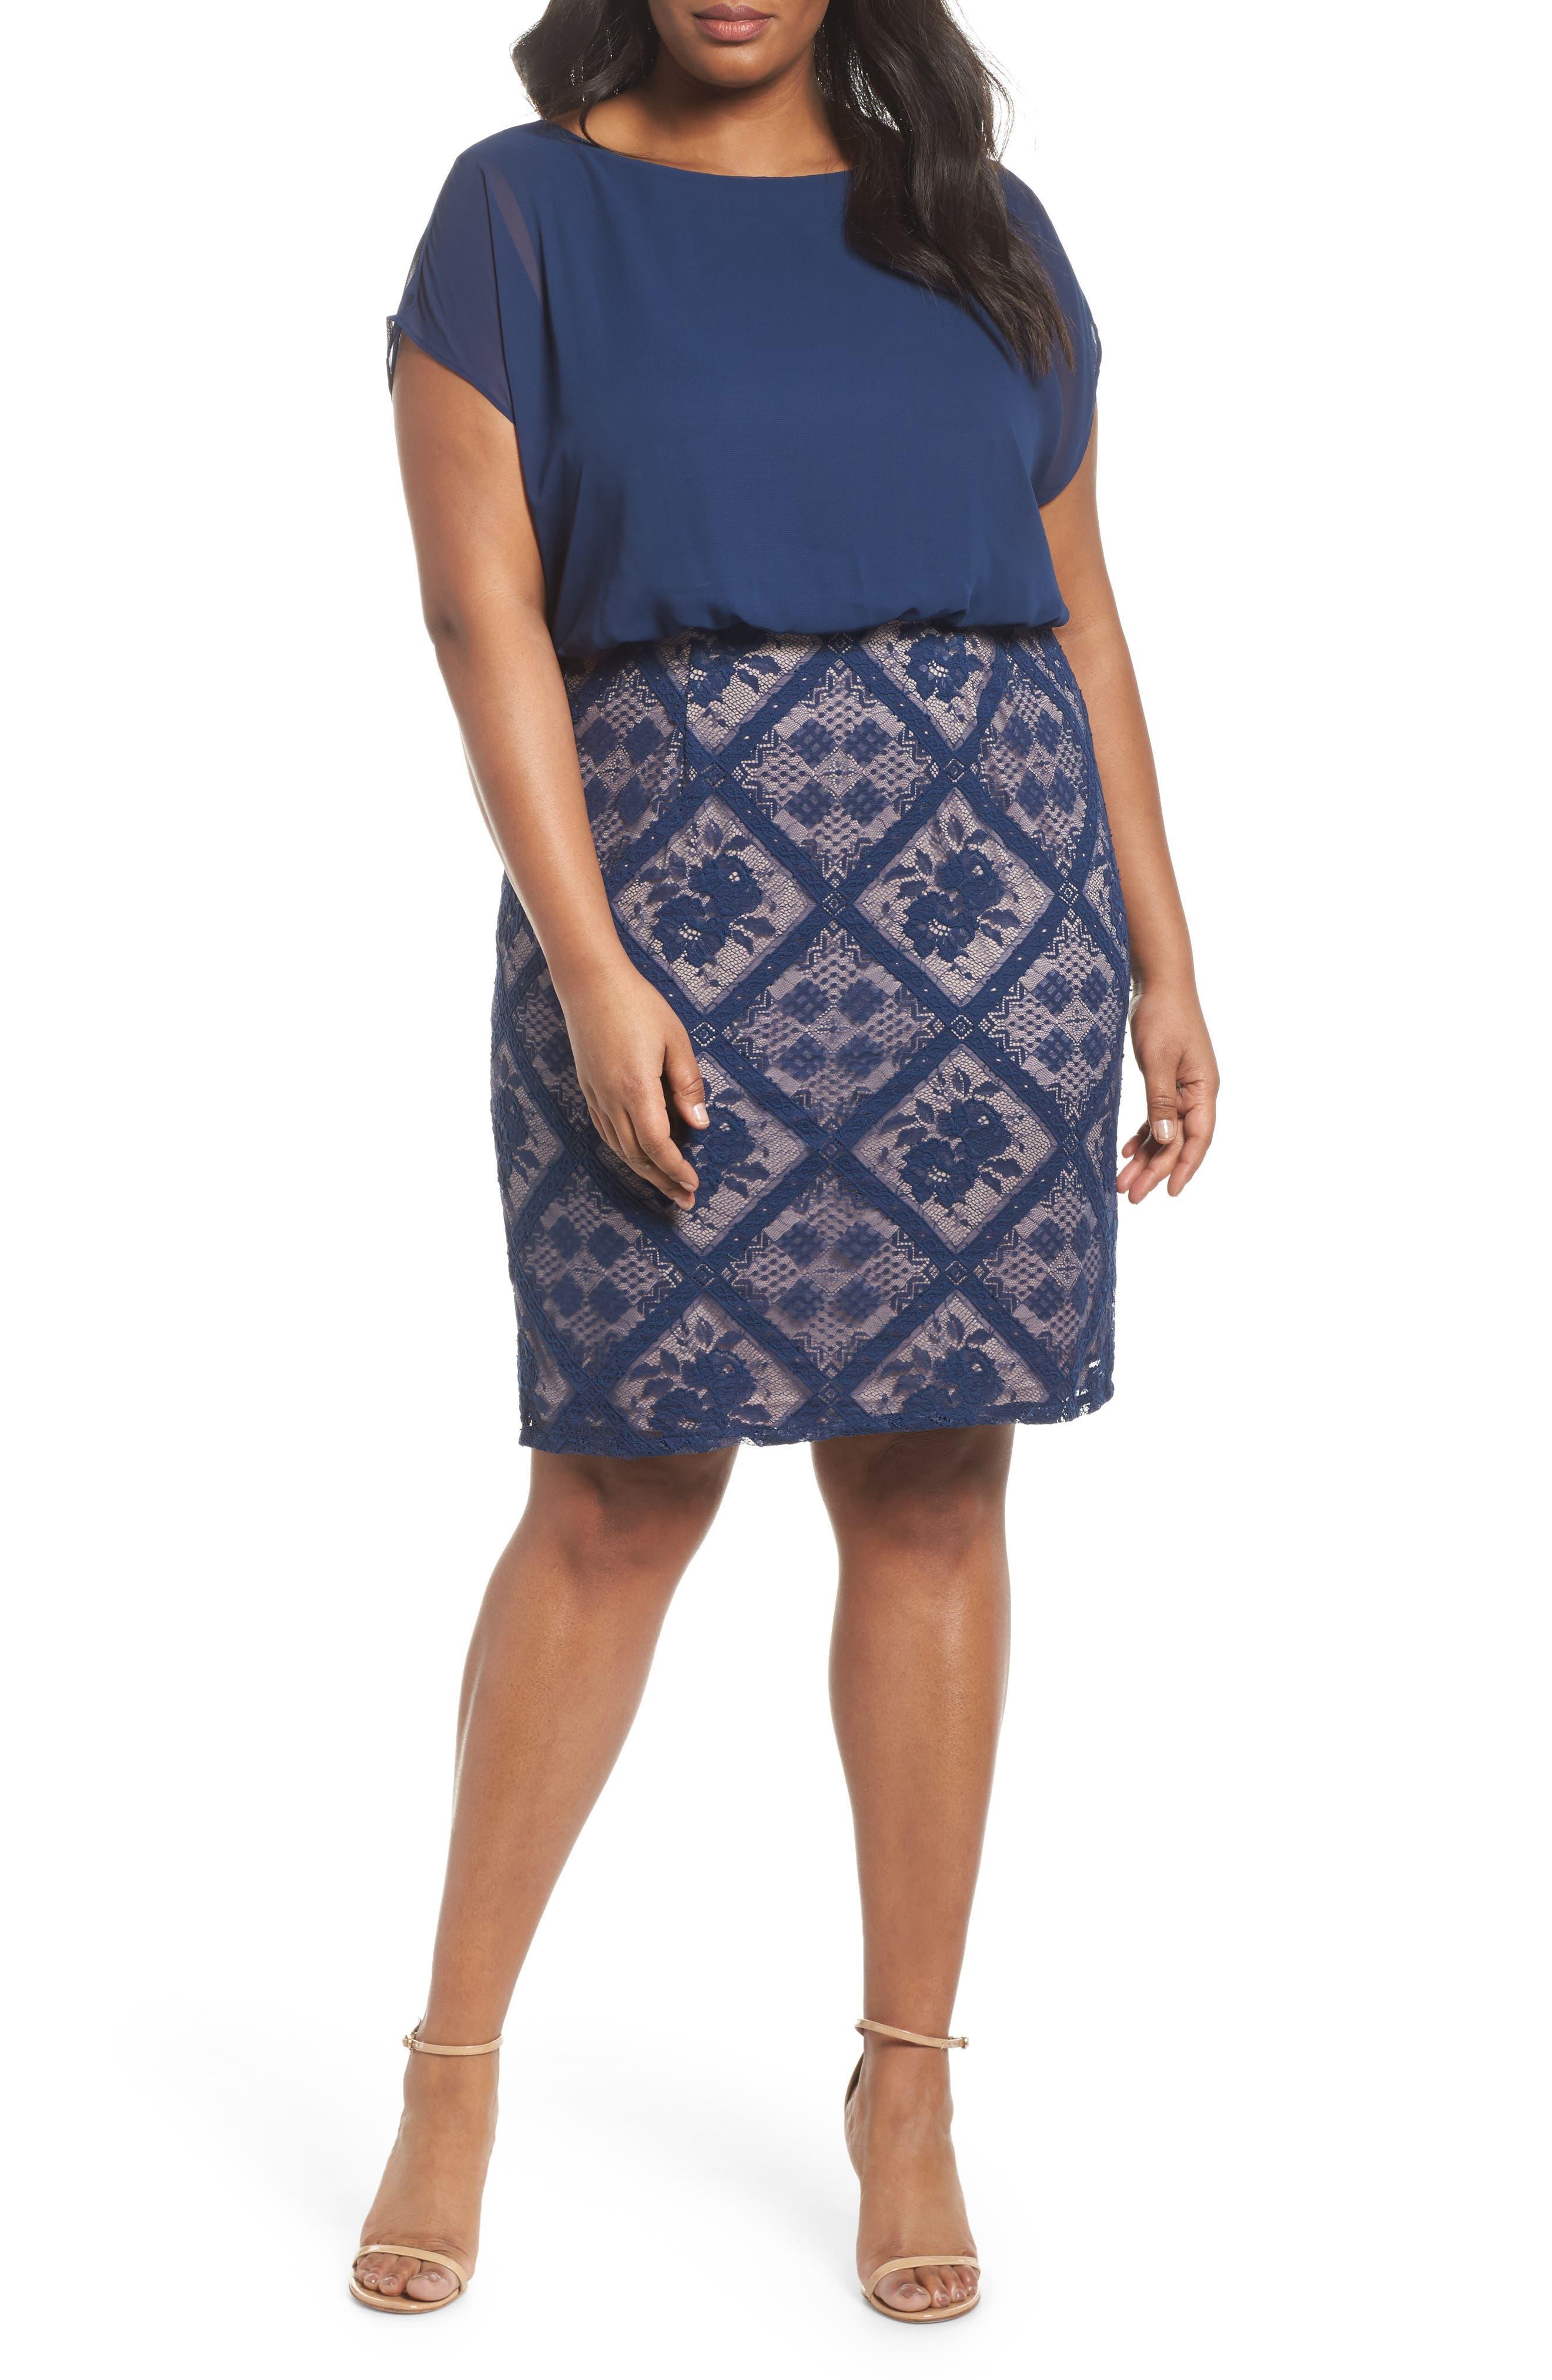 Main Image - Adrianna Papell Chiffon & Lace Blouson Dress (Plus Size)